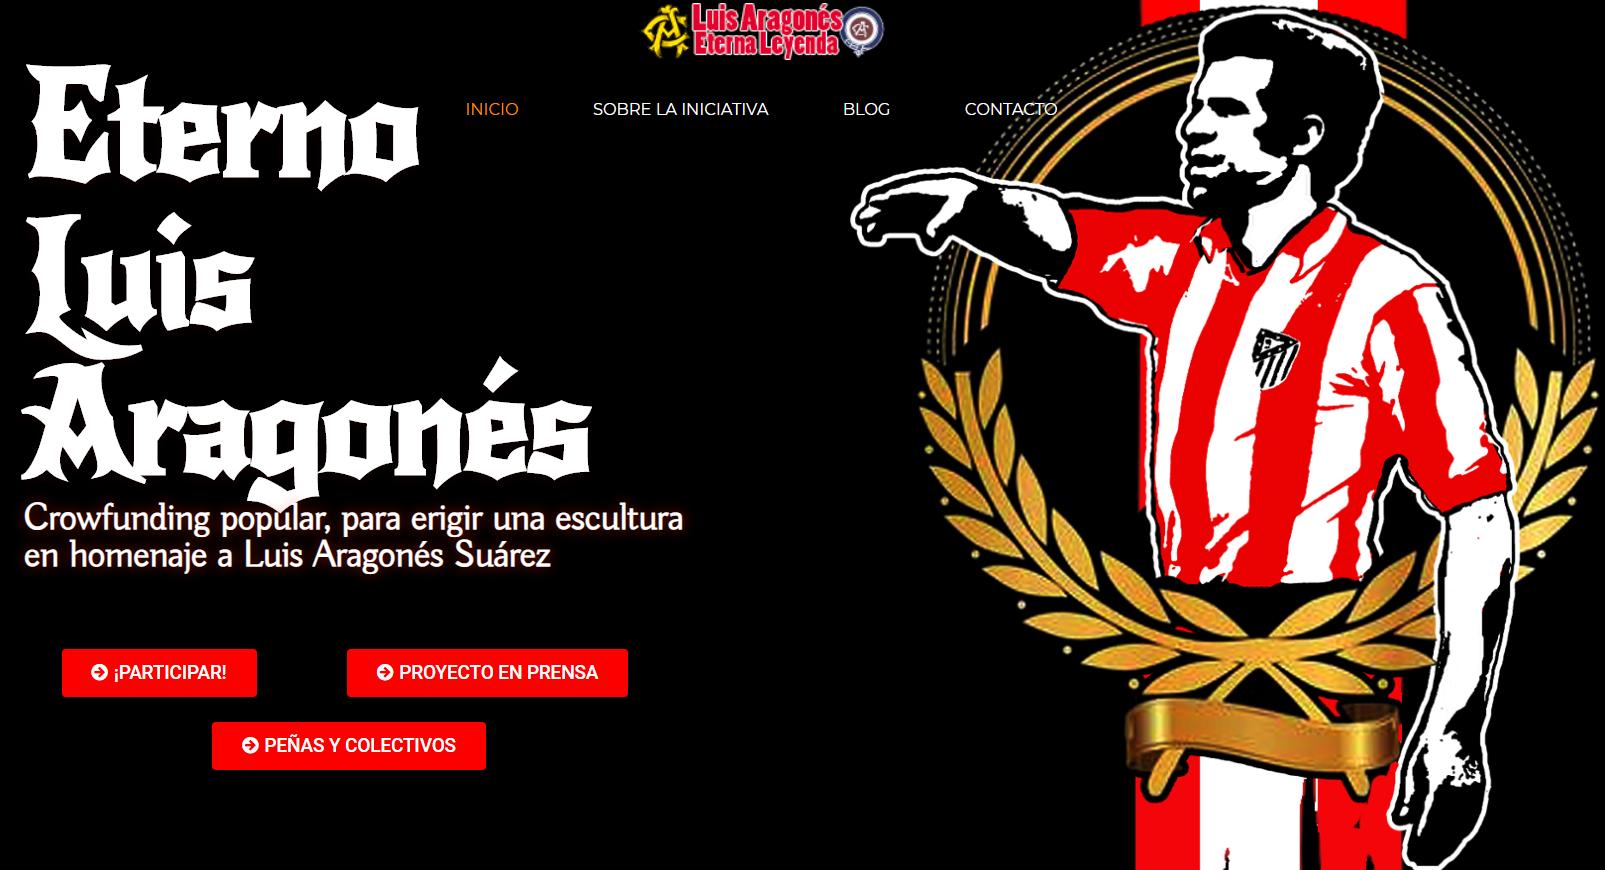 马竞球迷组织集资13万欧元,为阿拉贡内斯打造雕像